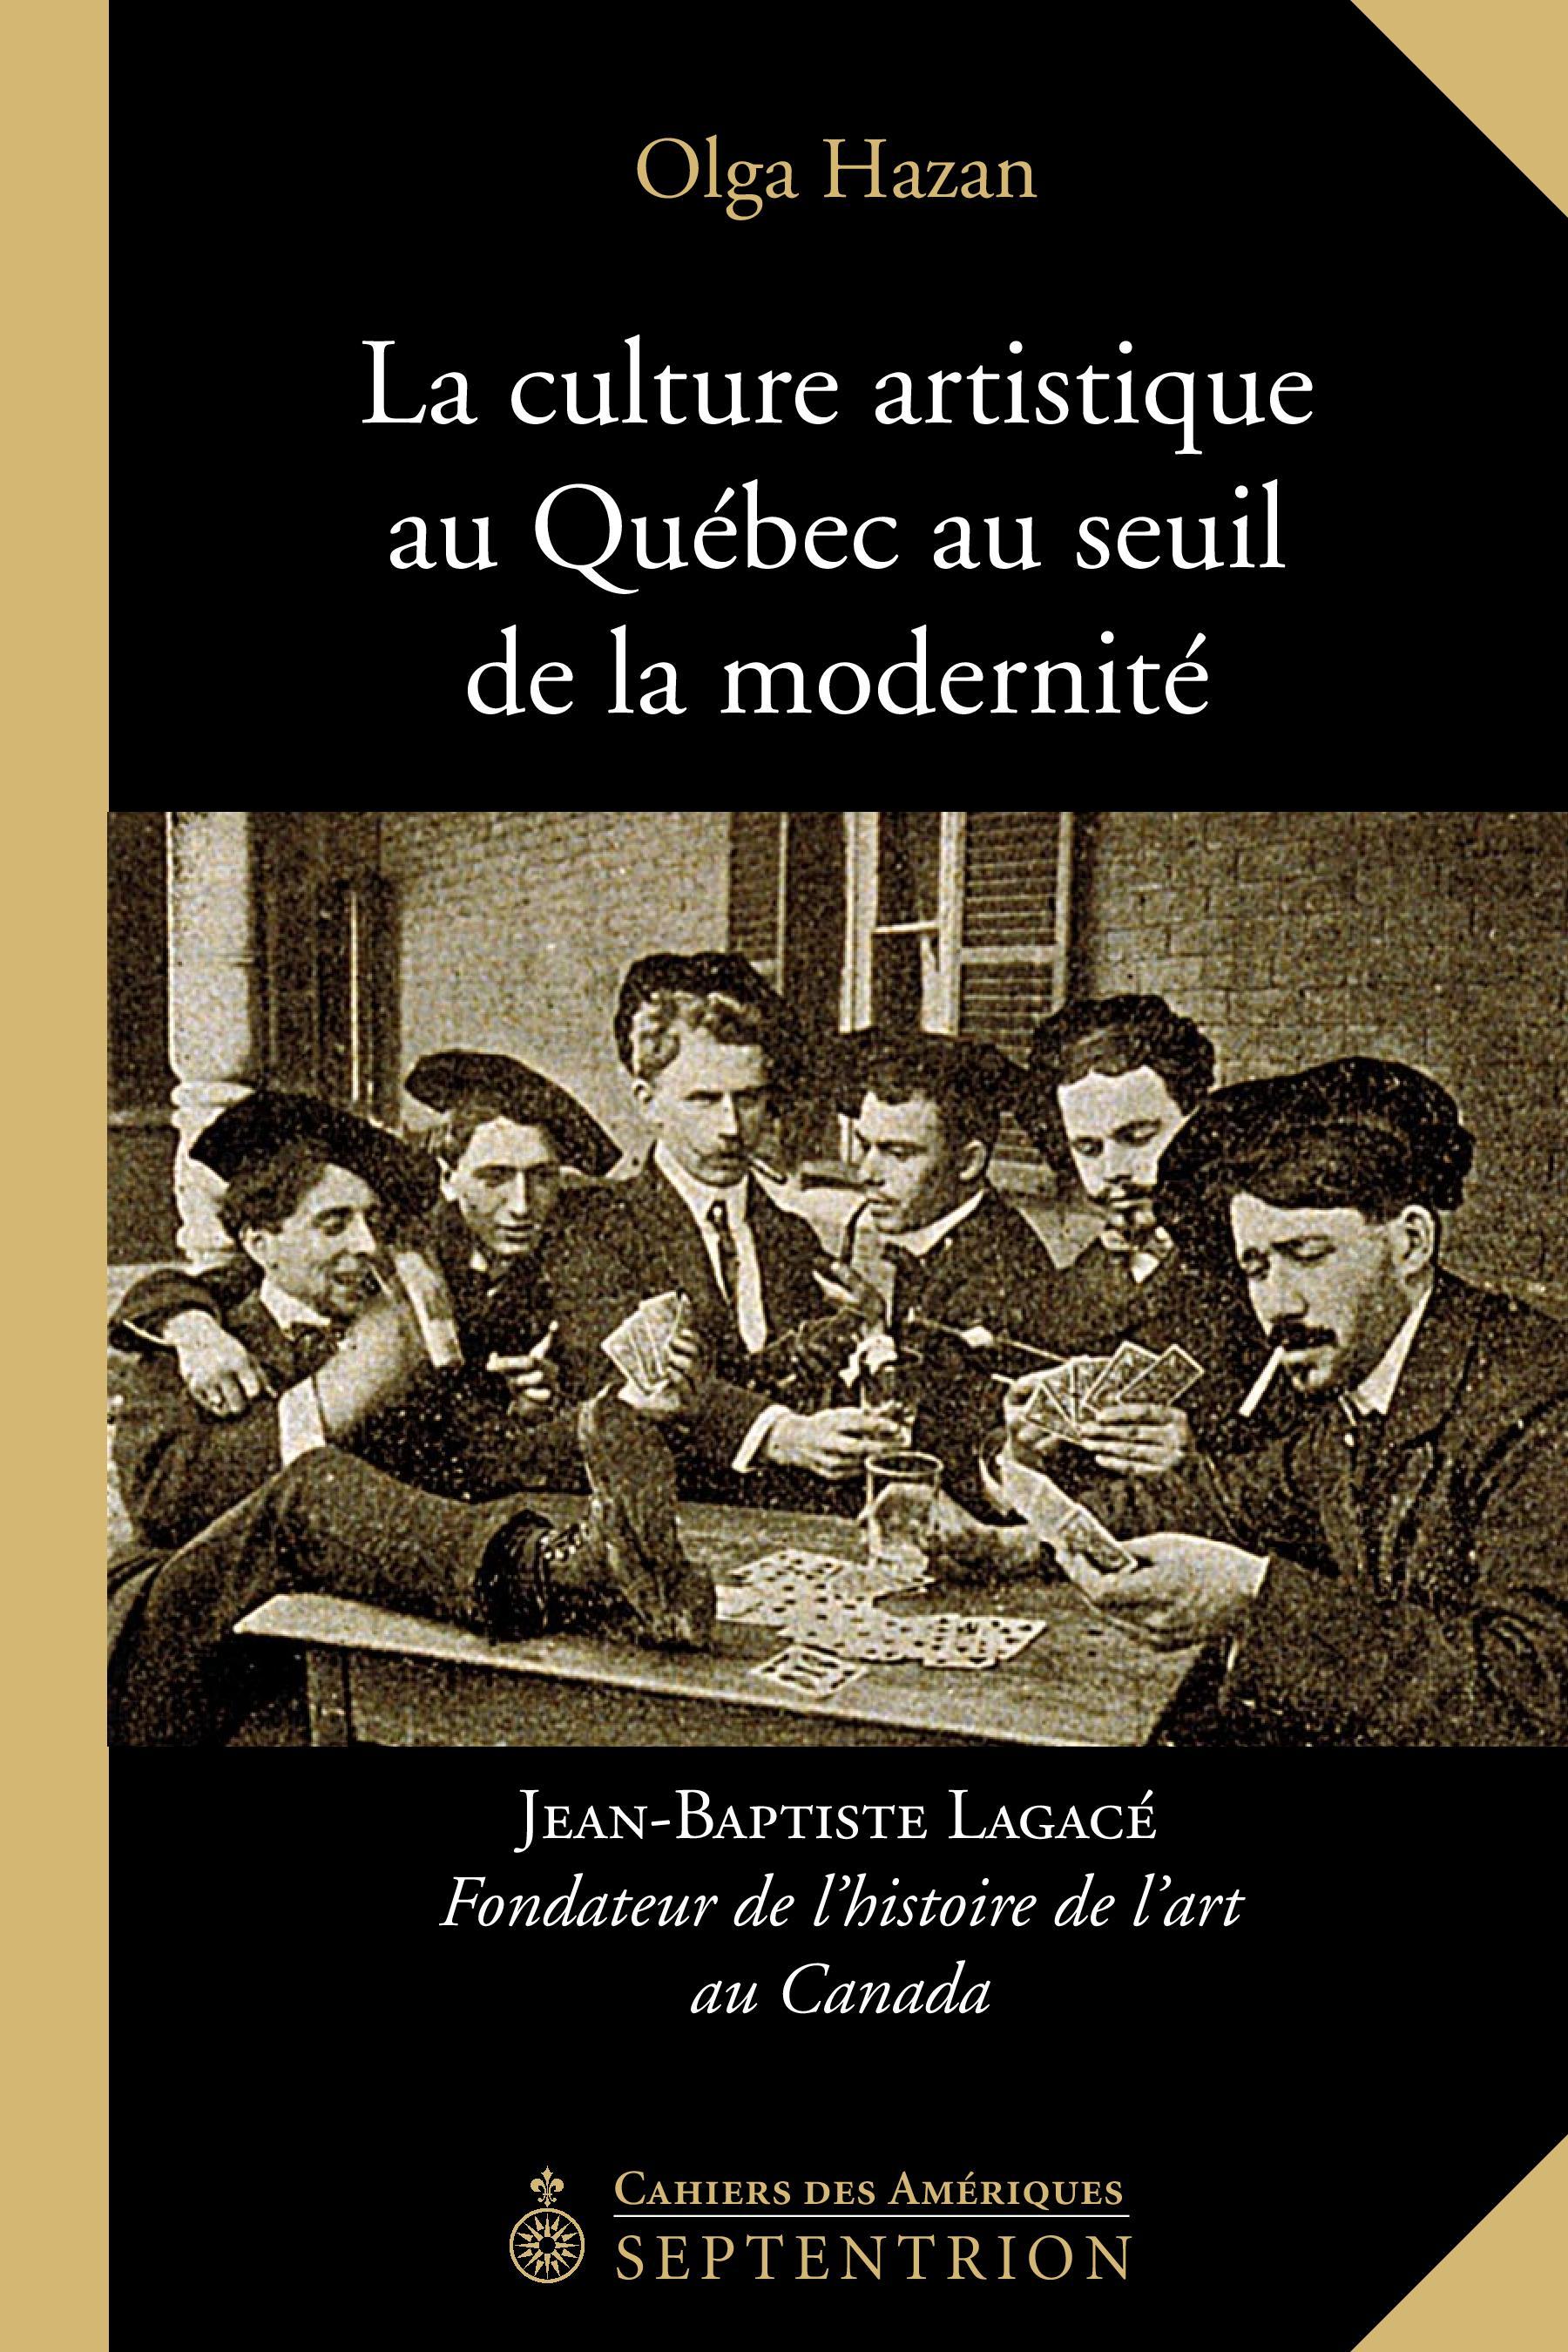 La culture artistique au Québec au seuil de la modernité